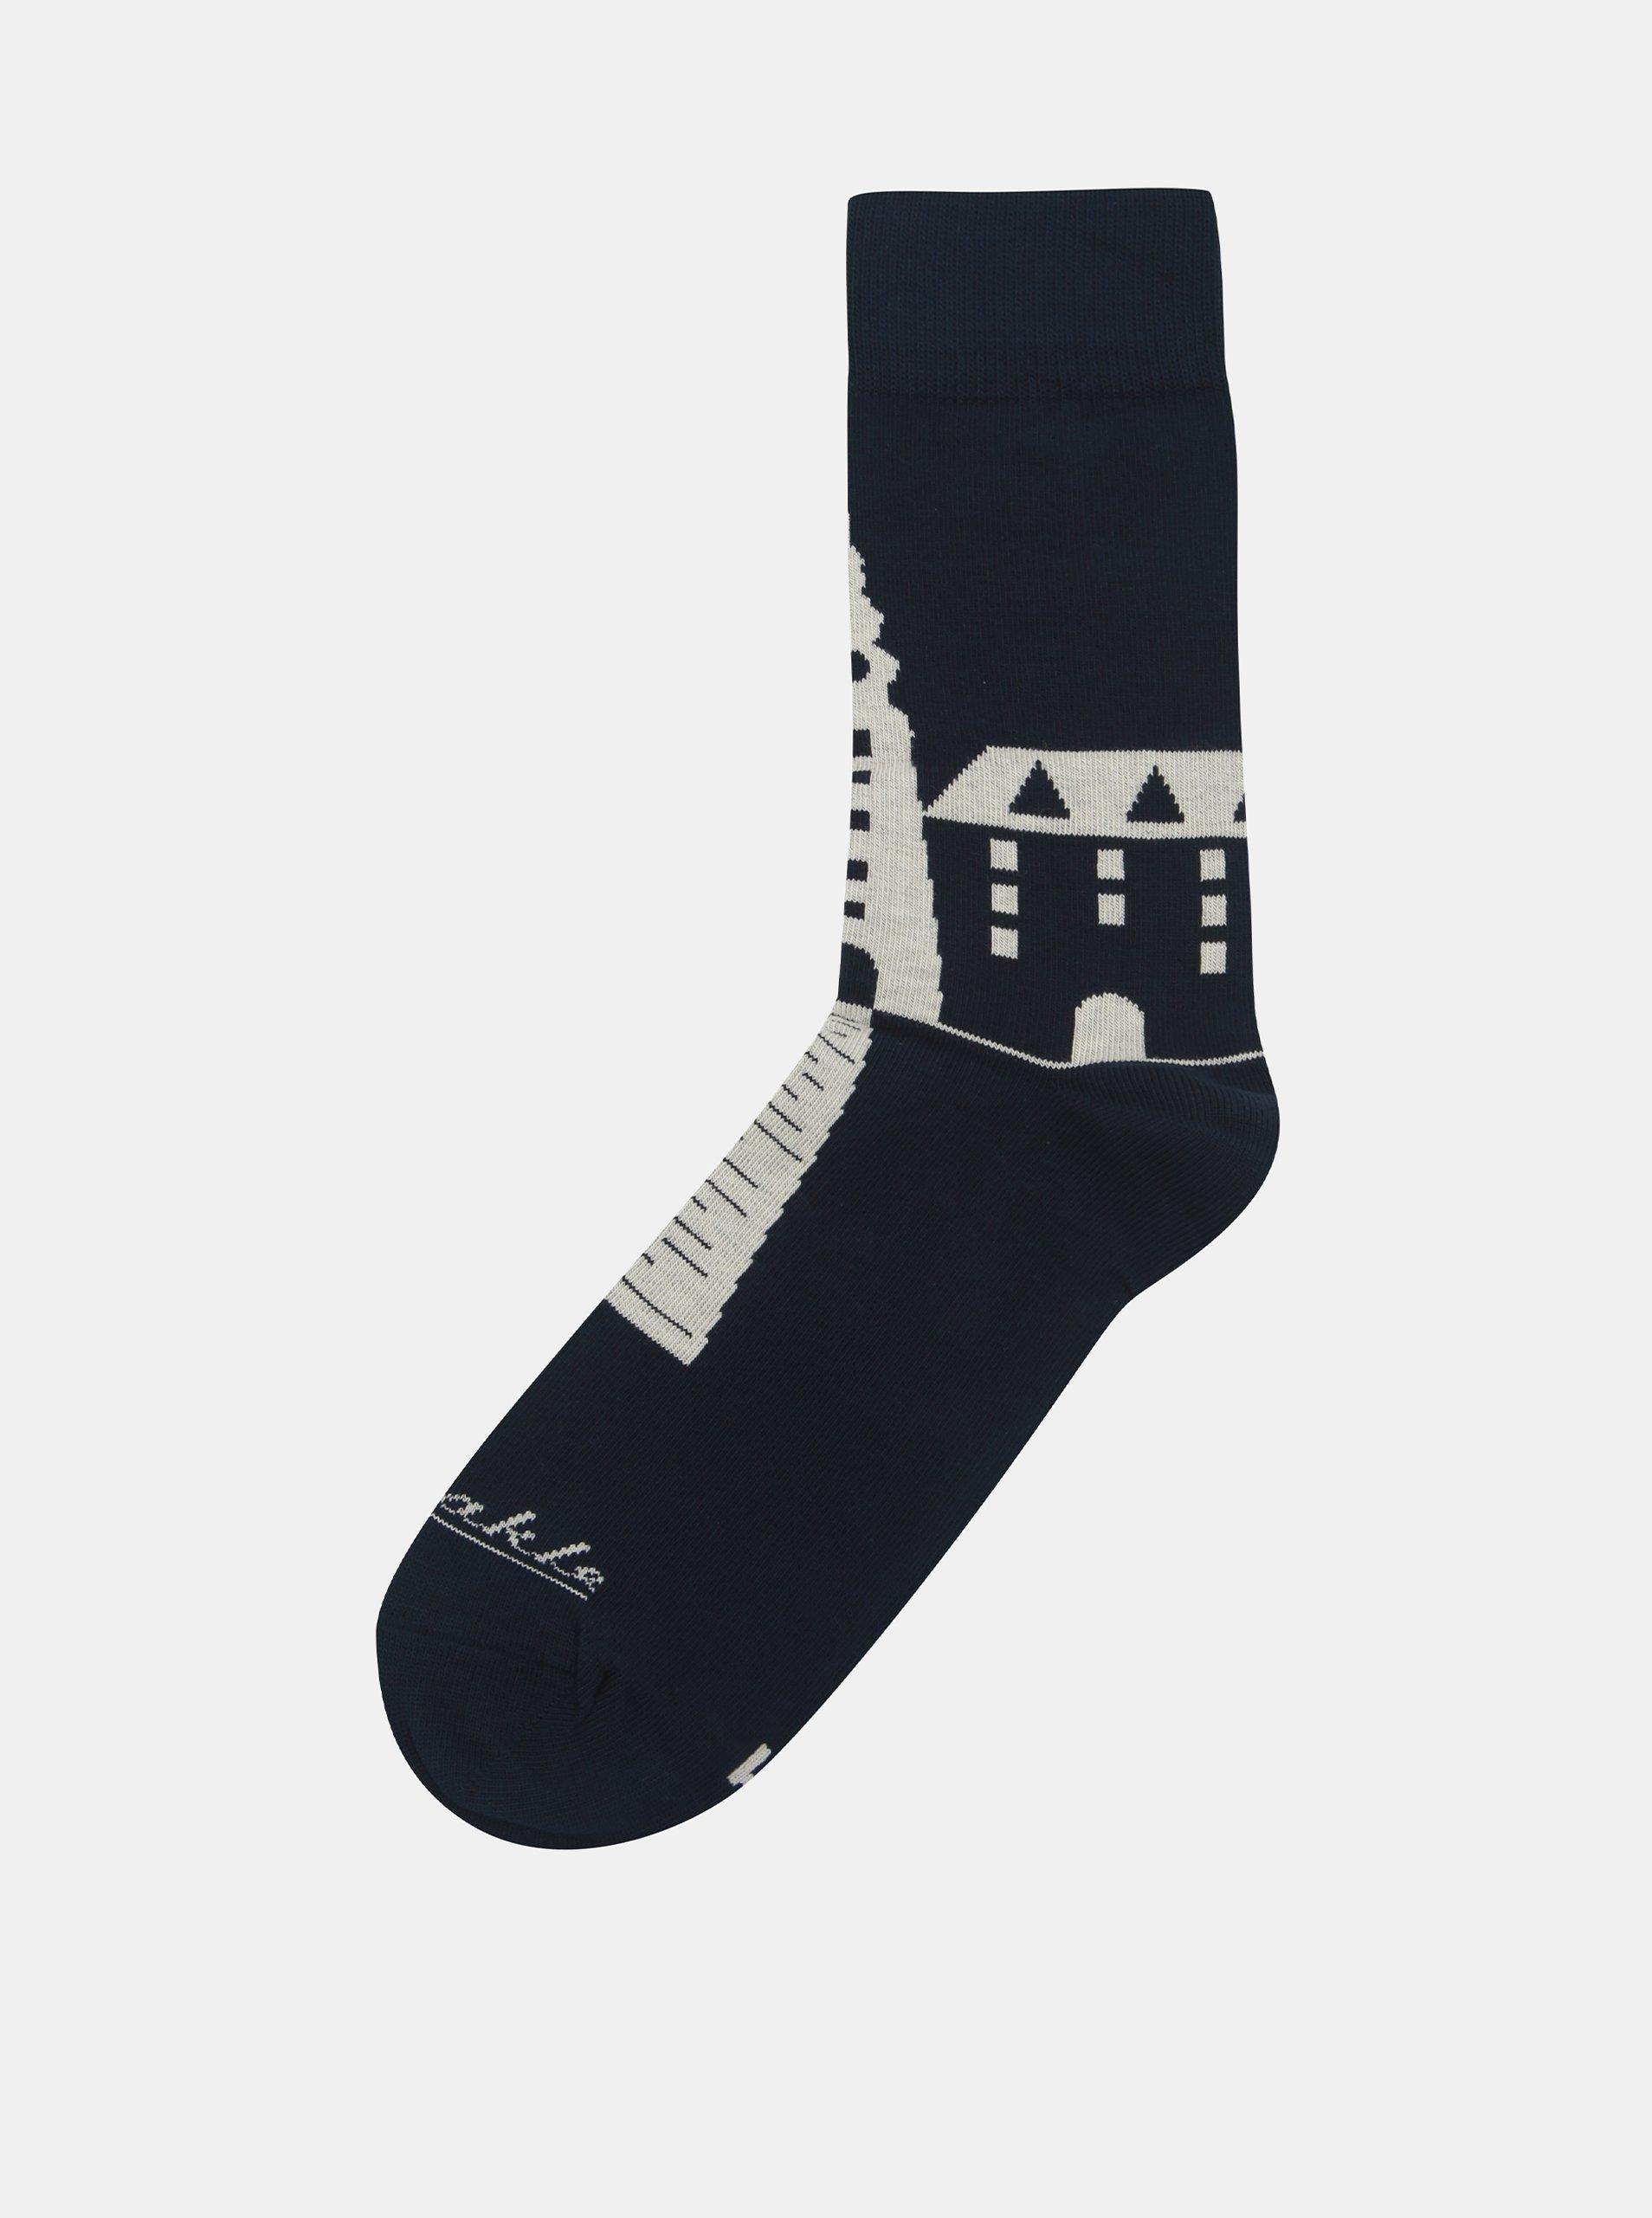 Tmavě modré ponožky se slovenskými dominantami Fusakle Michalská veža